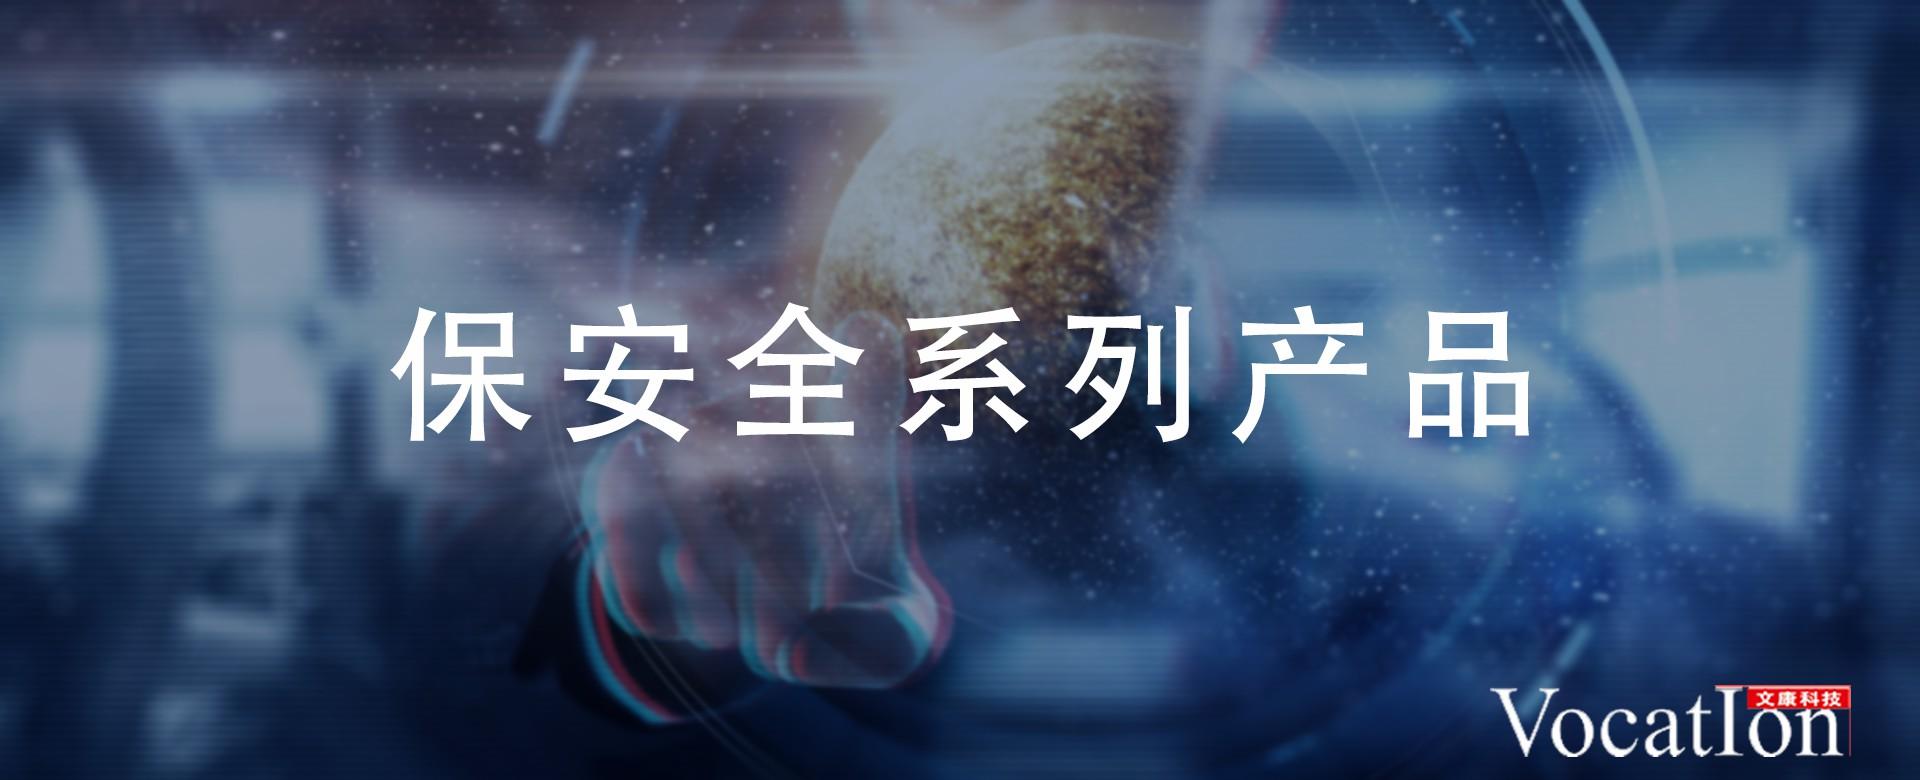 2020.11.02_详情页_保安全系列_1.jpg